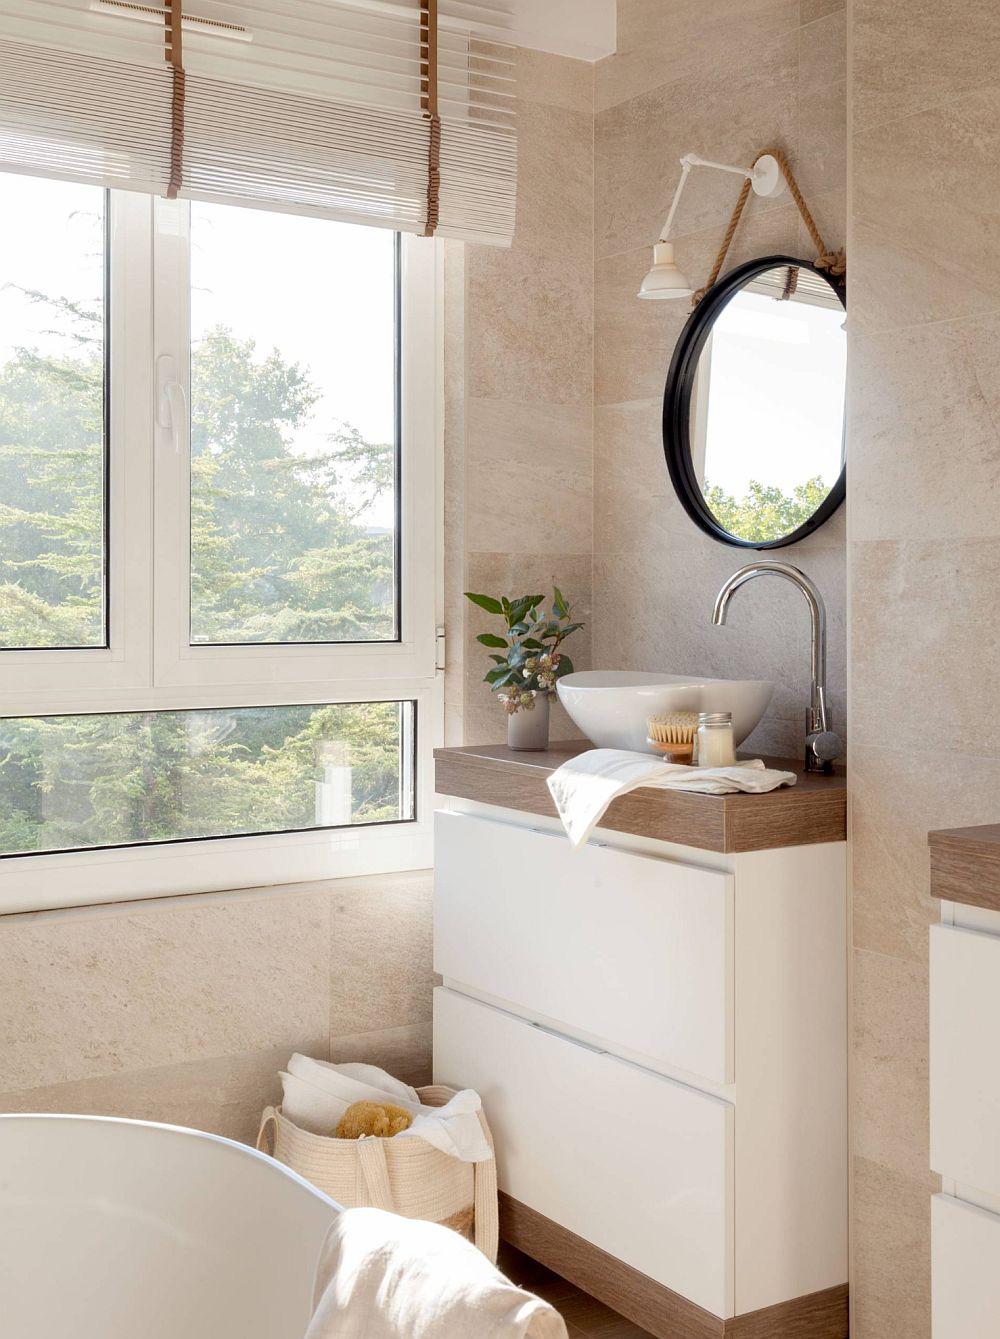 Lumina naturală contează enorm și în camera de baie. Acesta se simte ca fiind mai generoasă și datorită ferestrei largi.